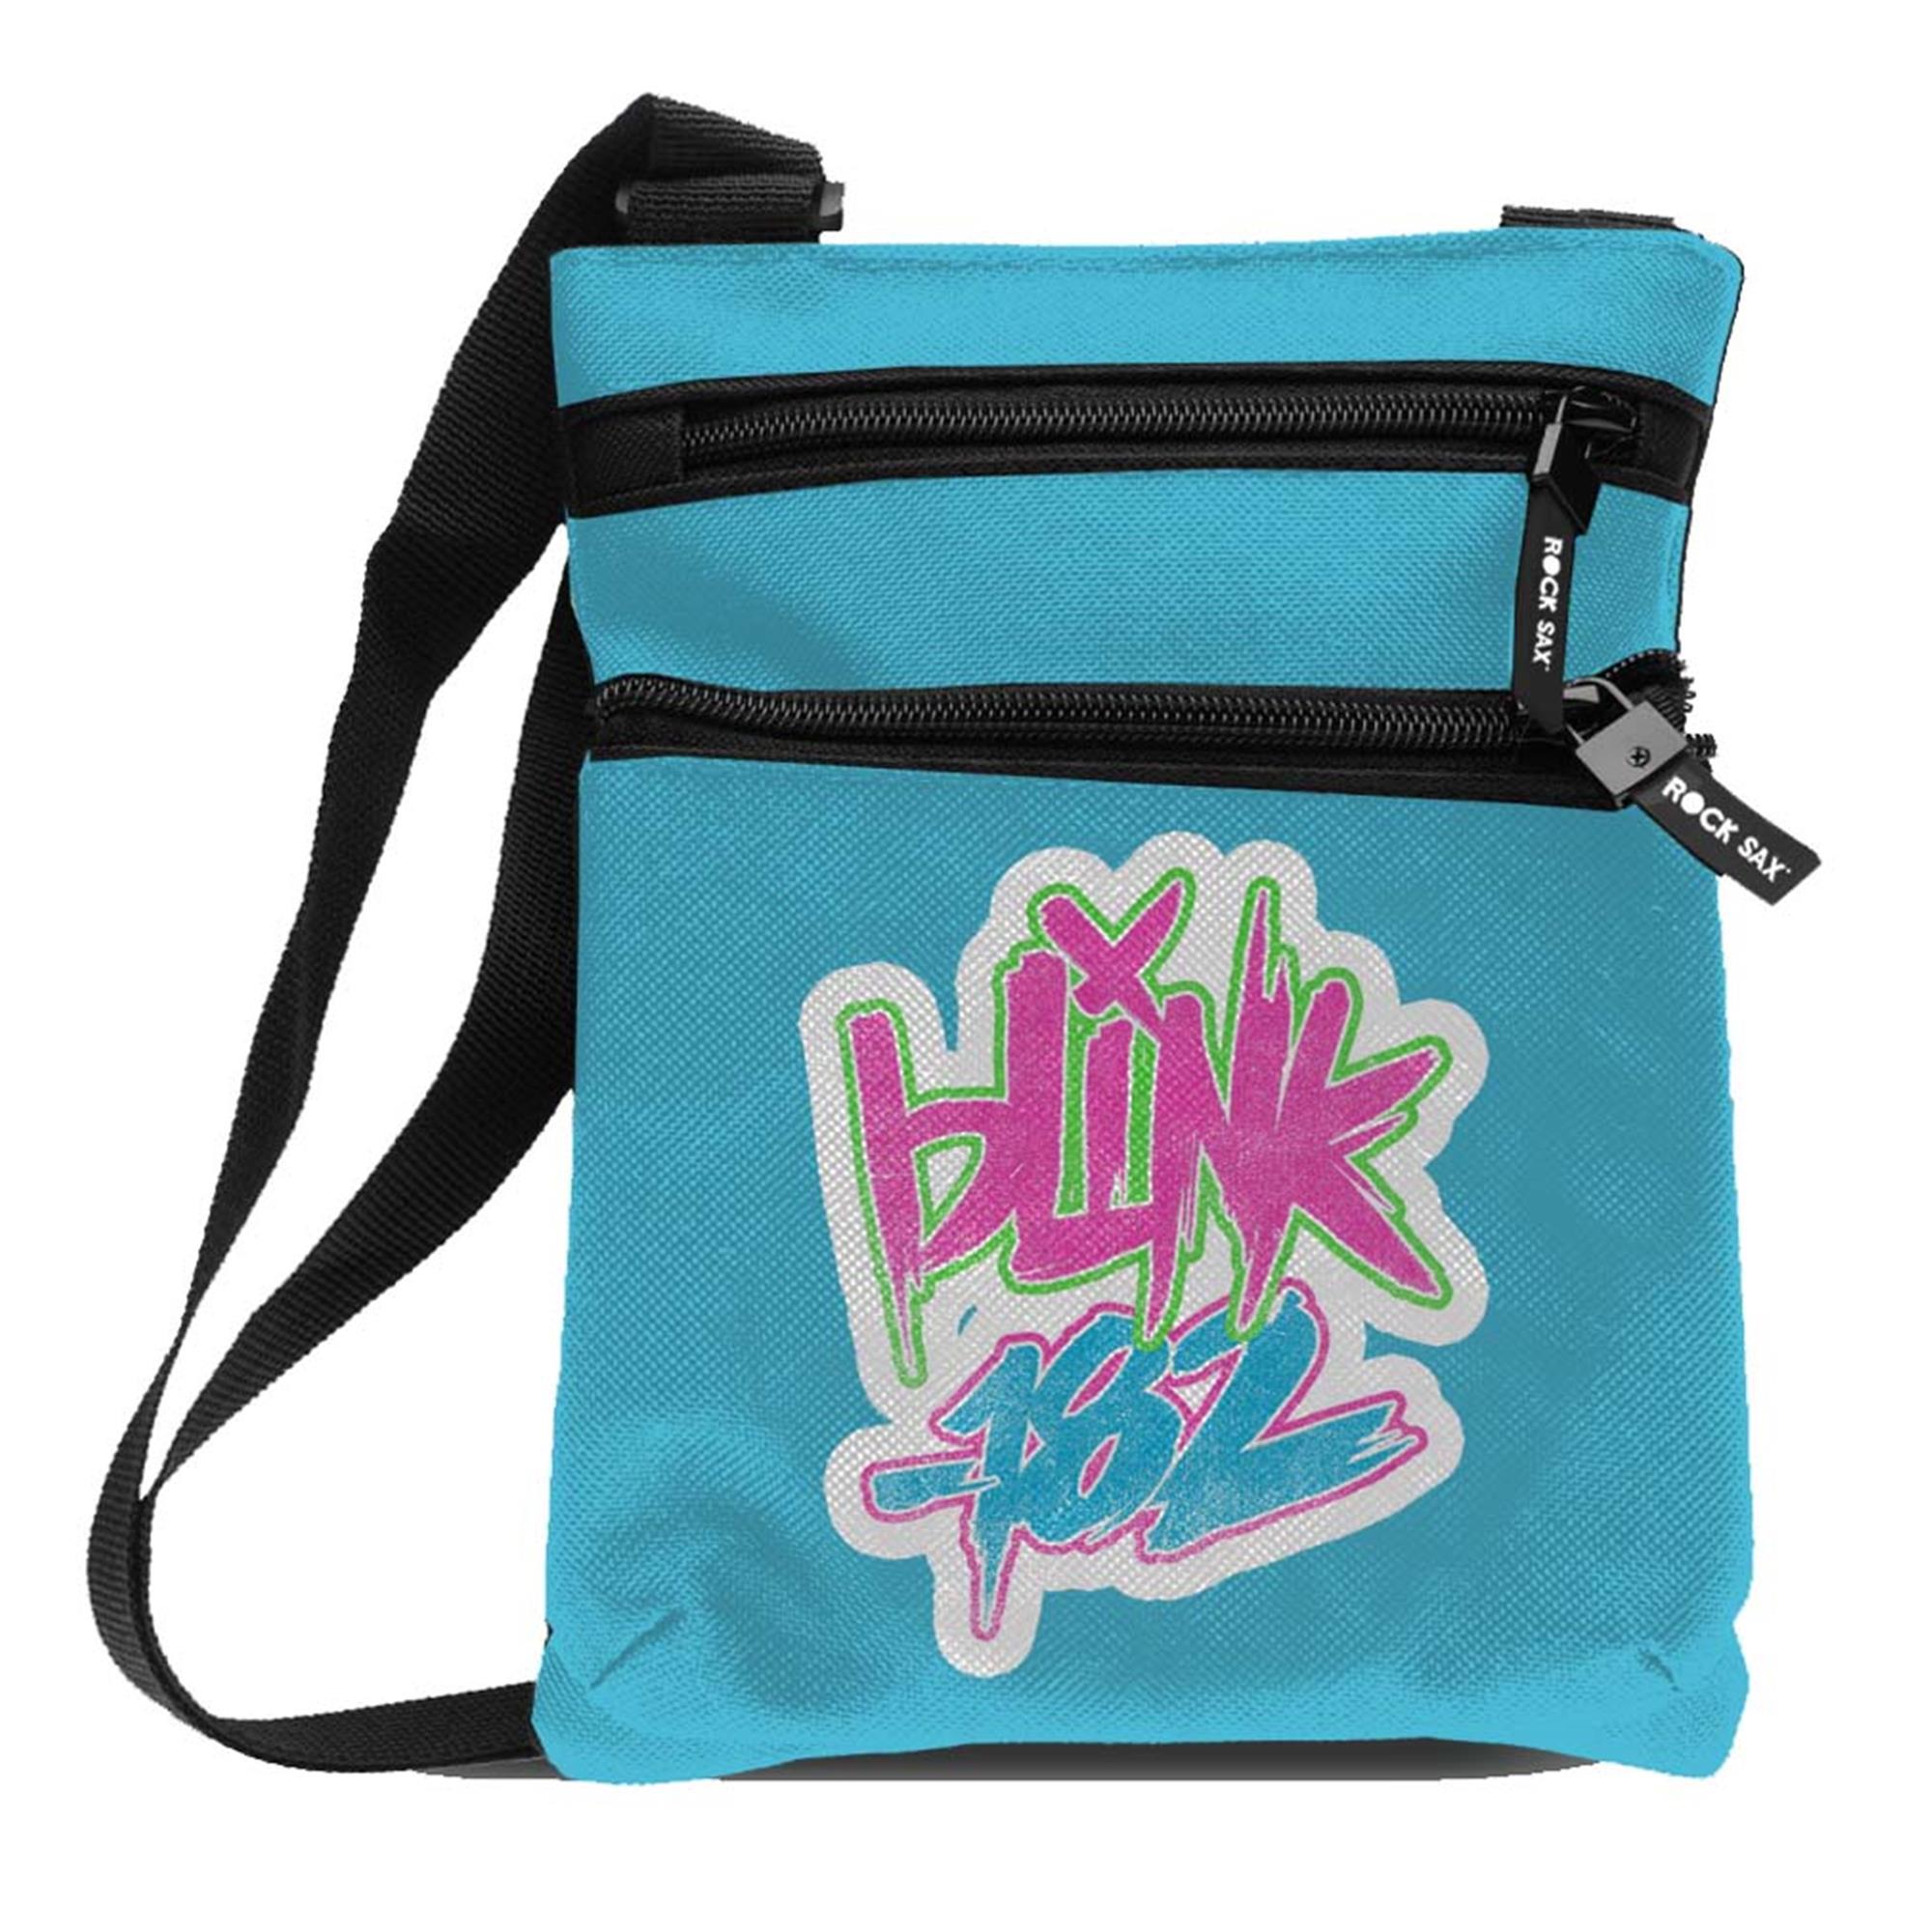 Blink 182 Logo Blue Body Bag